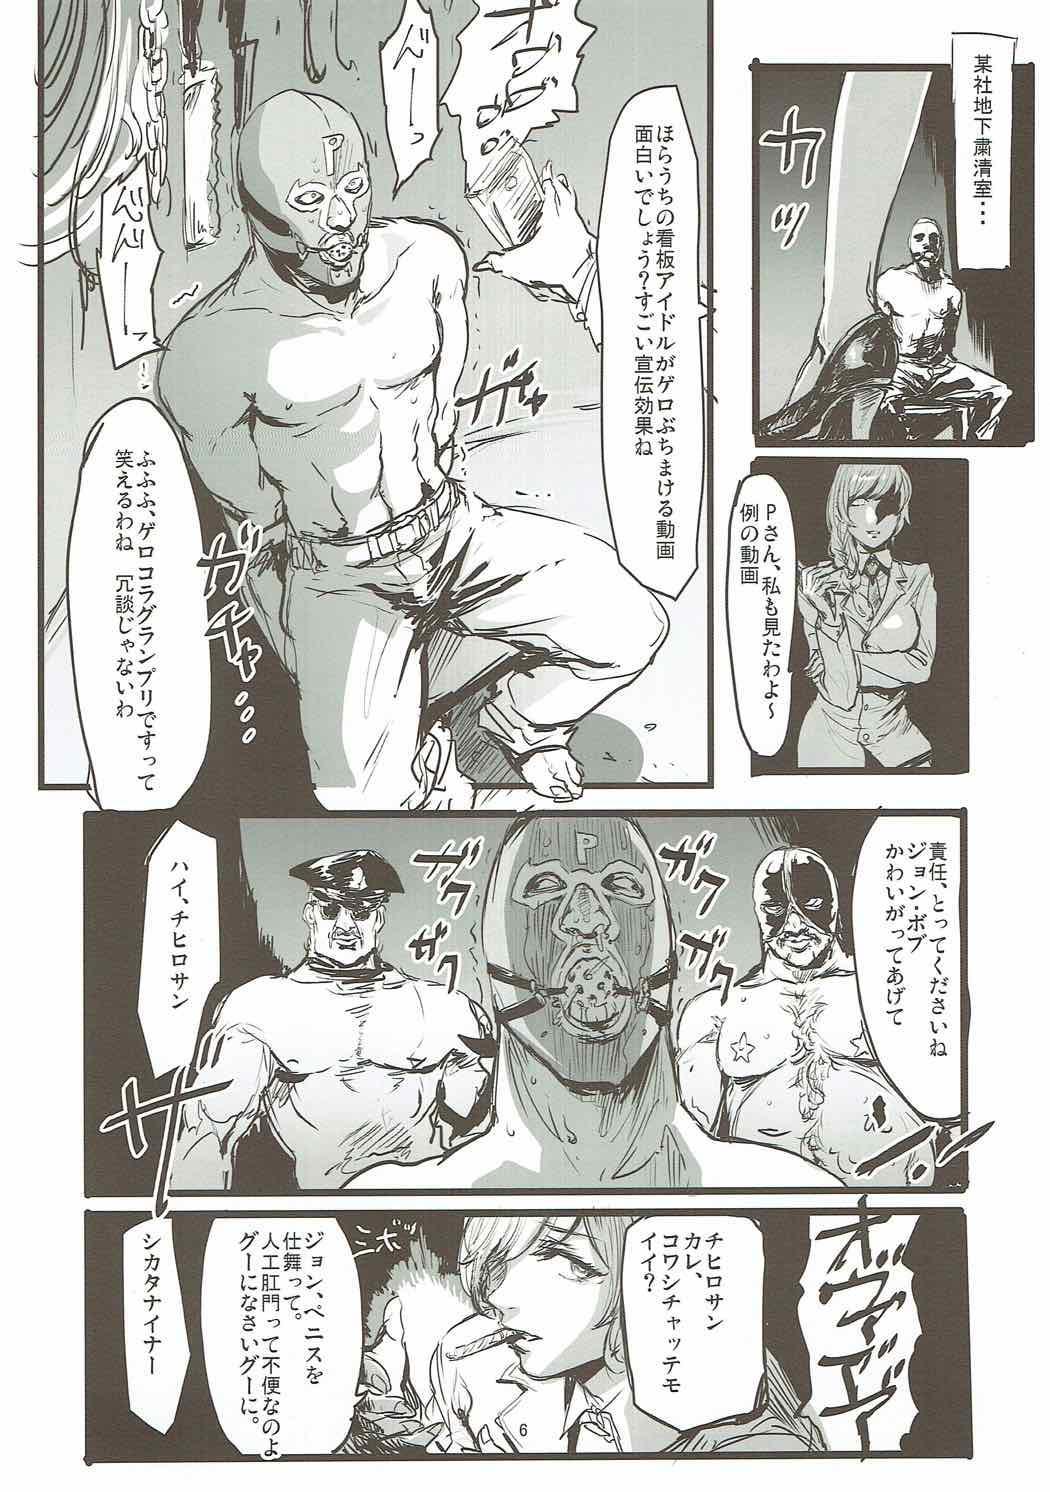 Yukemuri Hitou Kaede no Yu 4